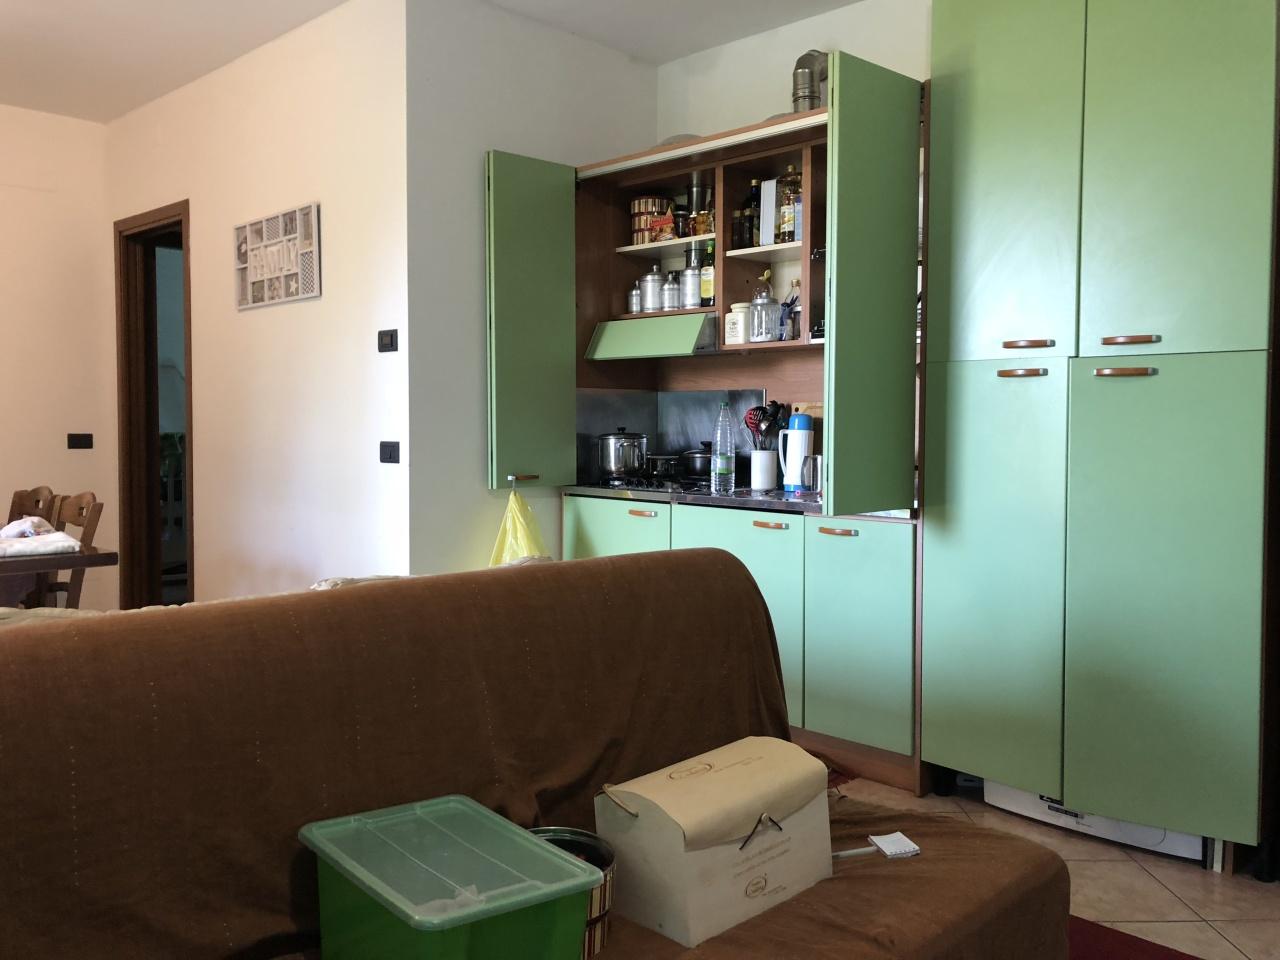 vendita appartamento collecchio   79000 euro  3 locali  55 mq